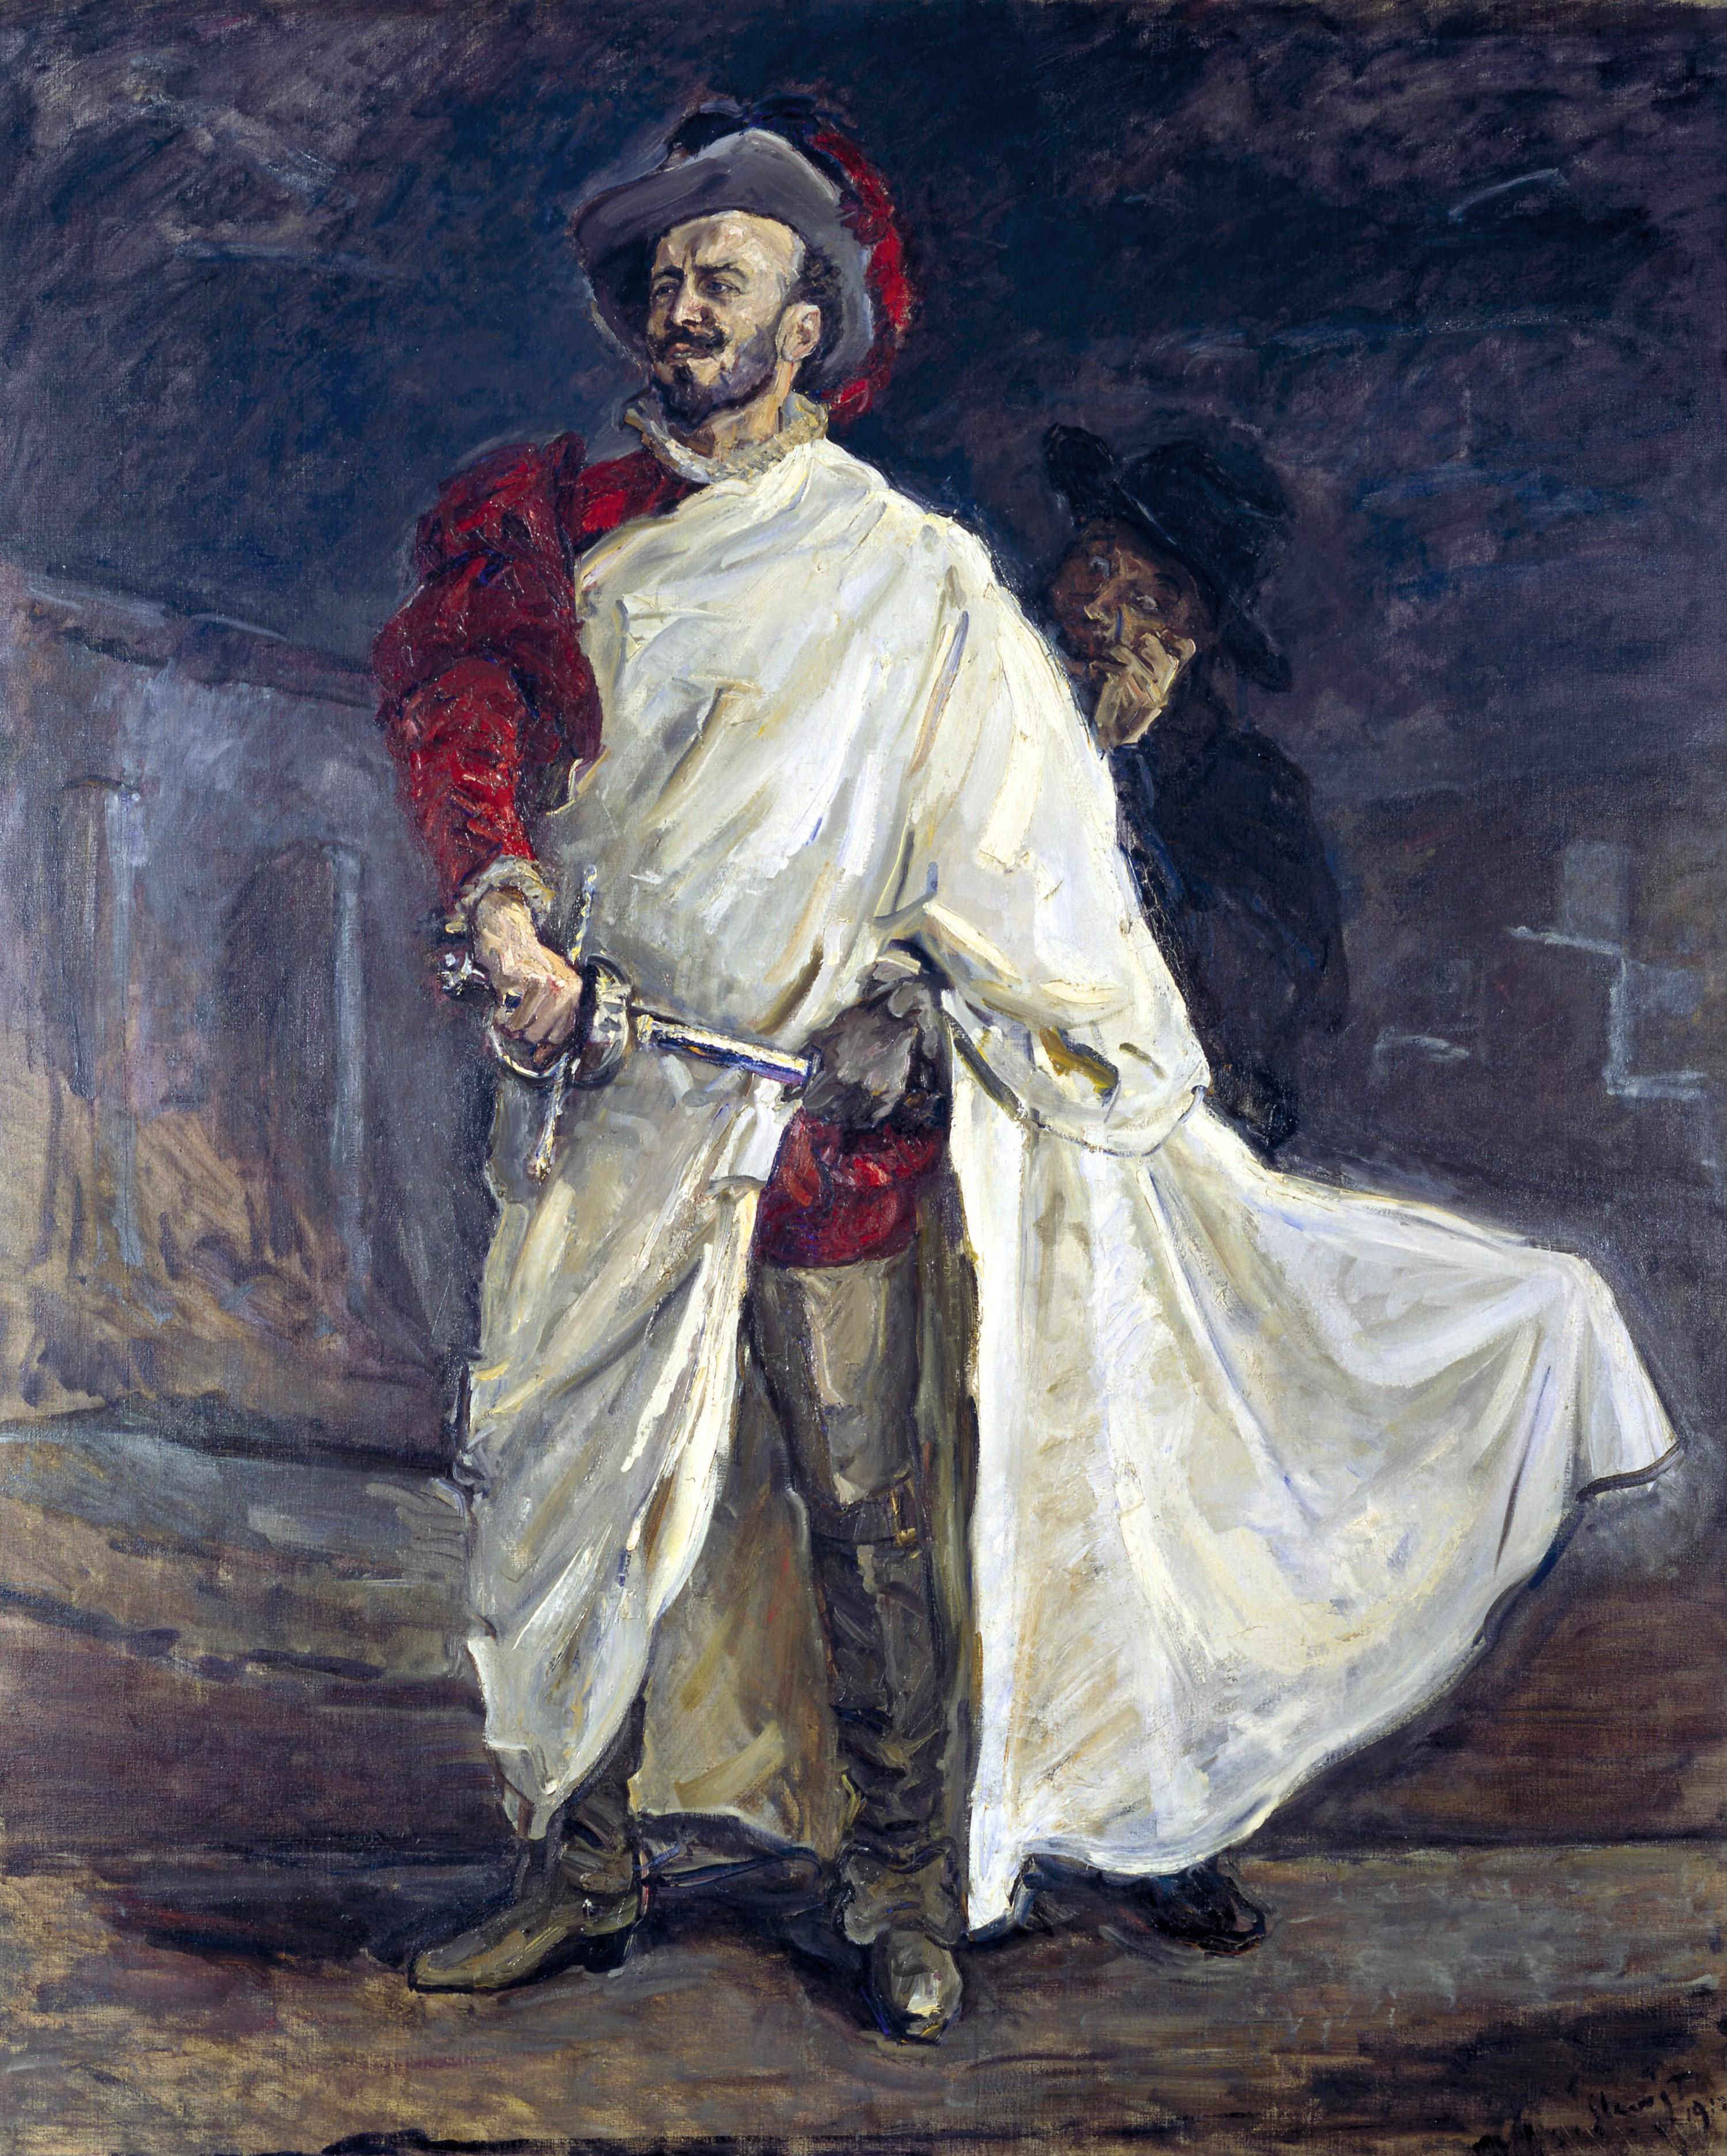 Max Slevogt, Portrait de Francisco d'Andrade dans le rôle titre de Don Giovanni, 1912, Alte Nationalgalerie, Berlin.